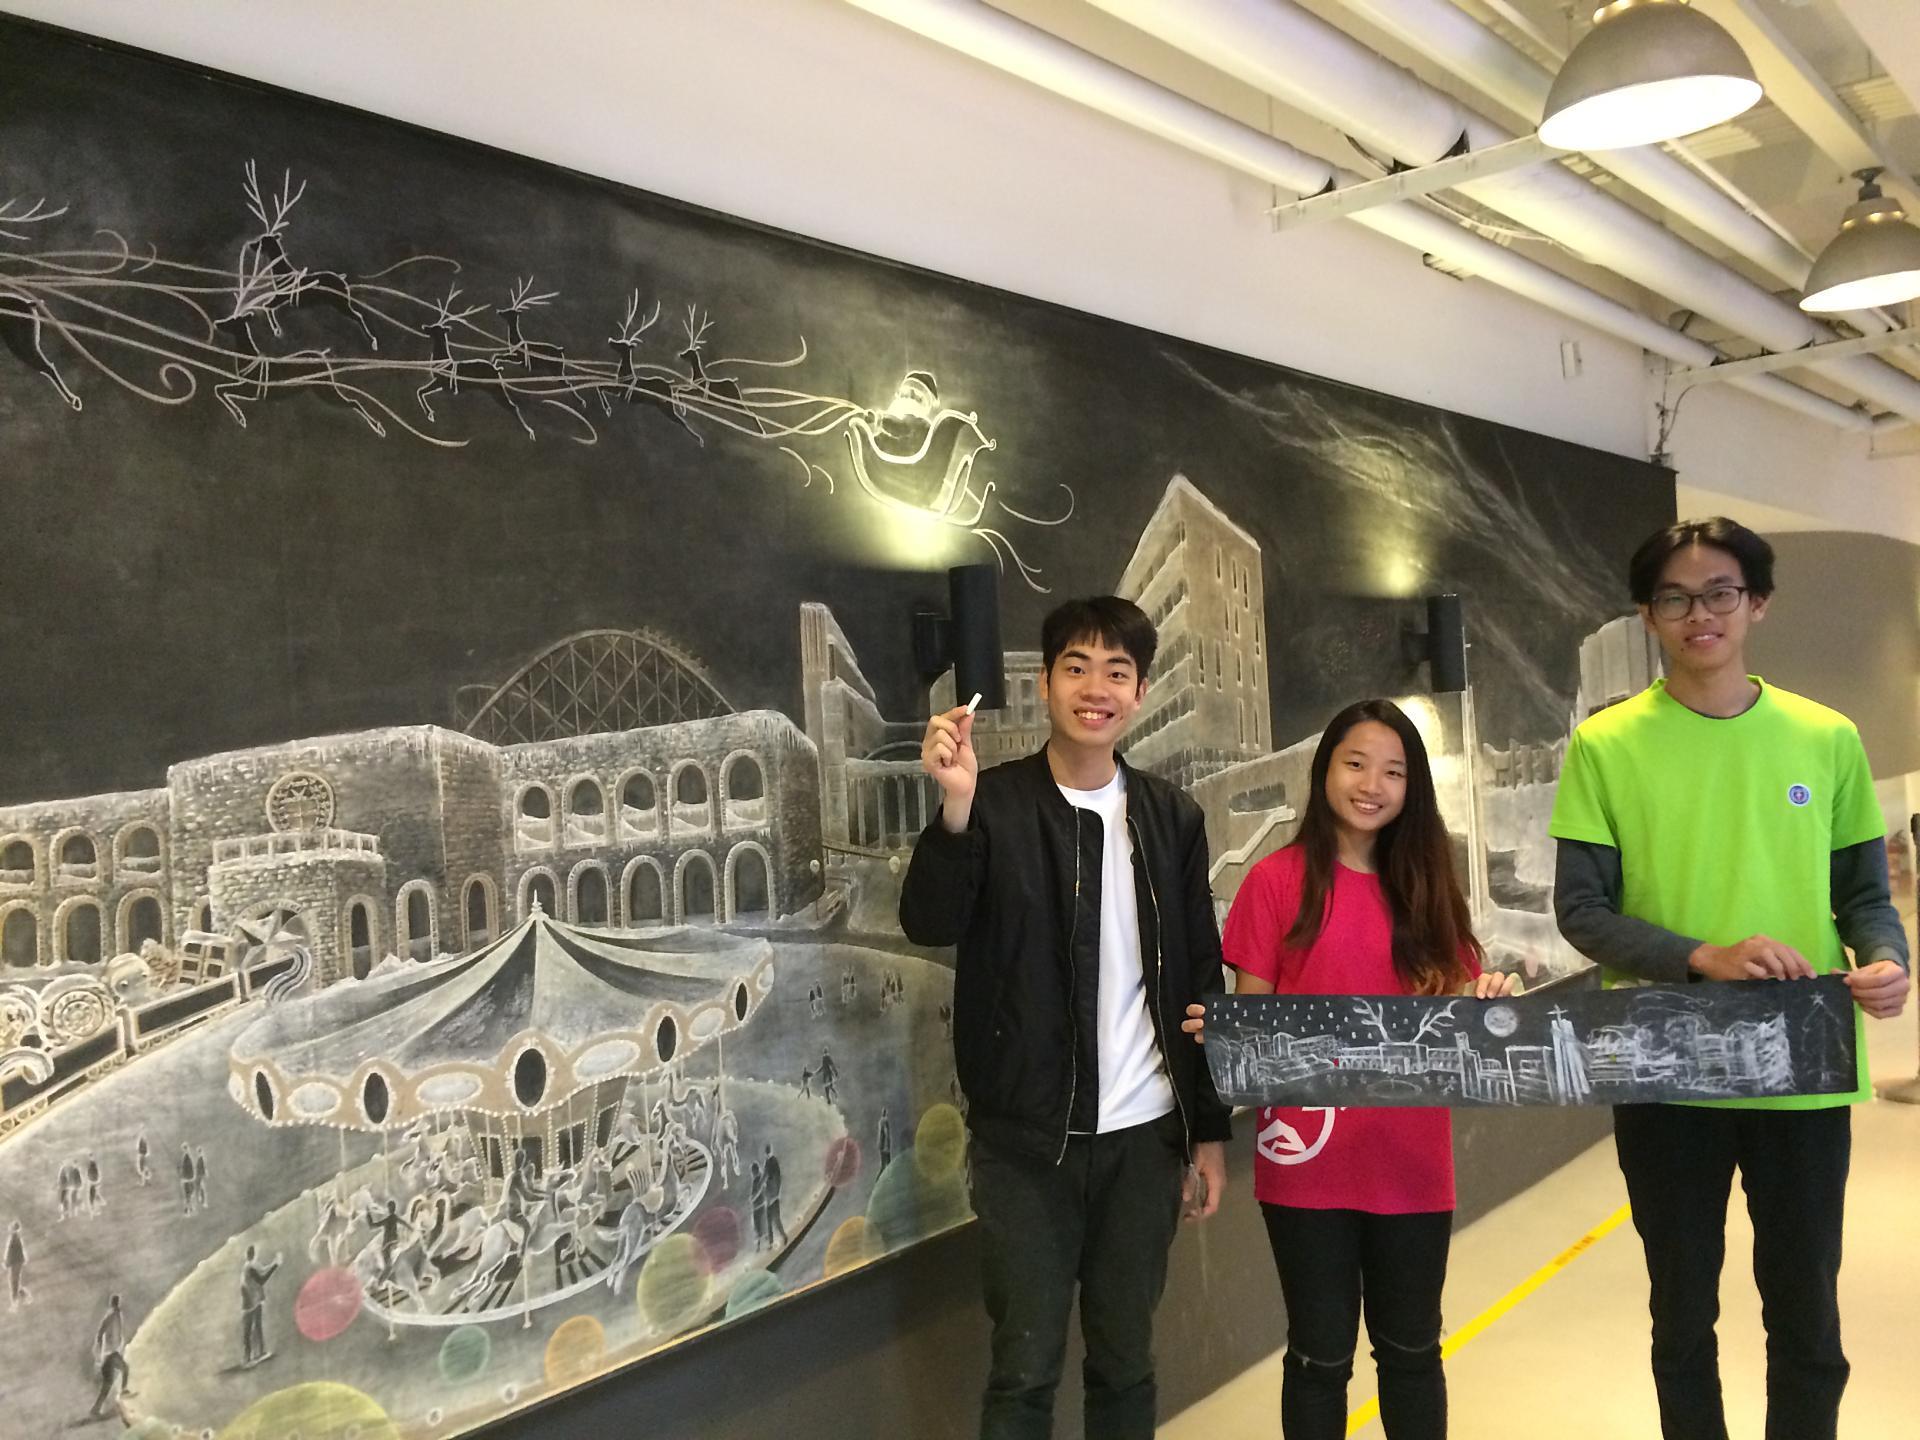 中原大學學生展創意 讓聖誕老公公飛越校園